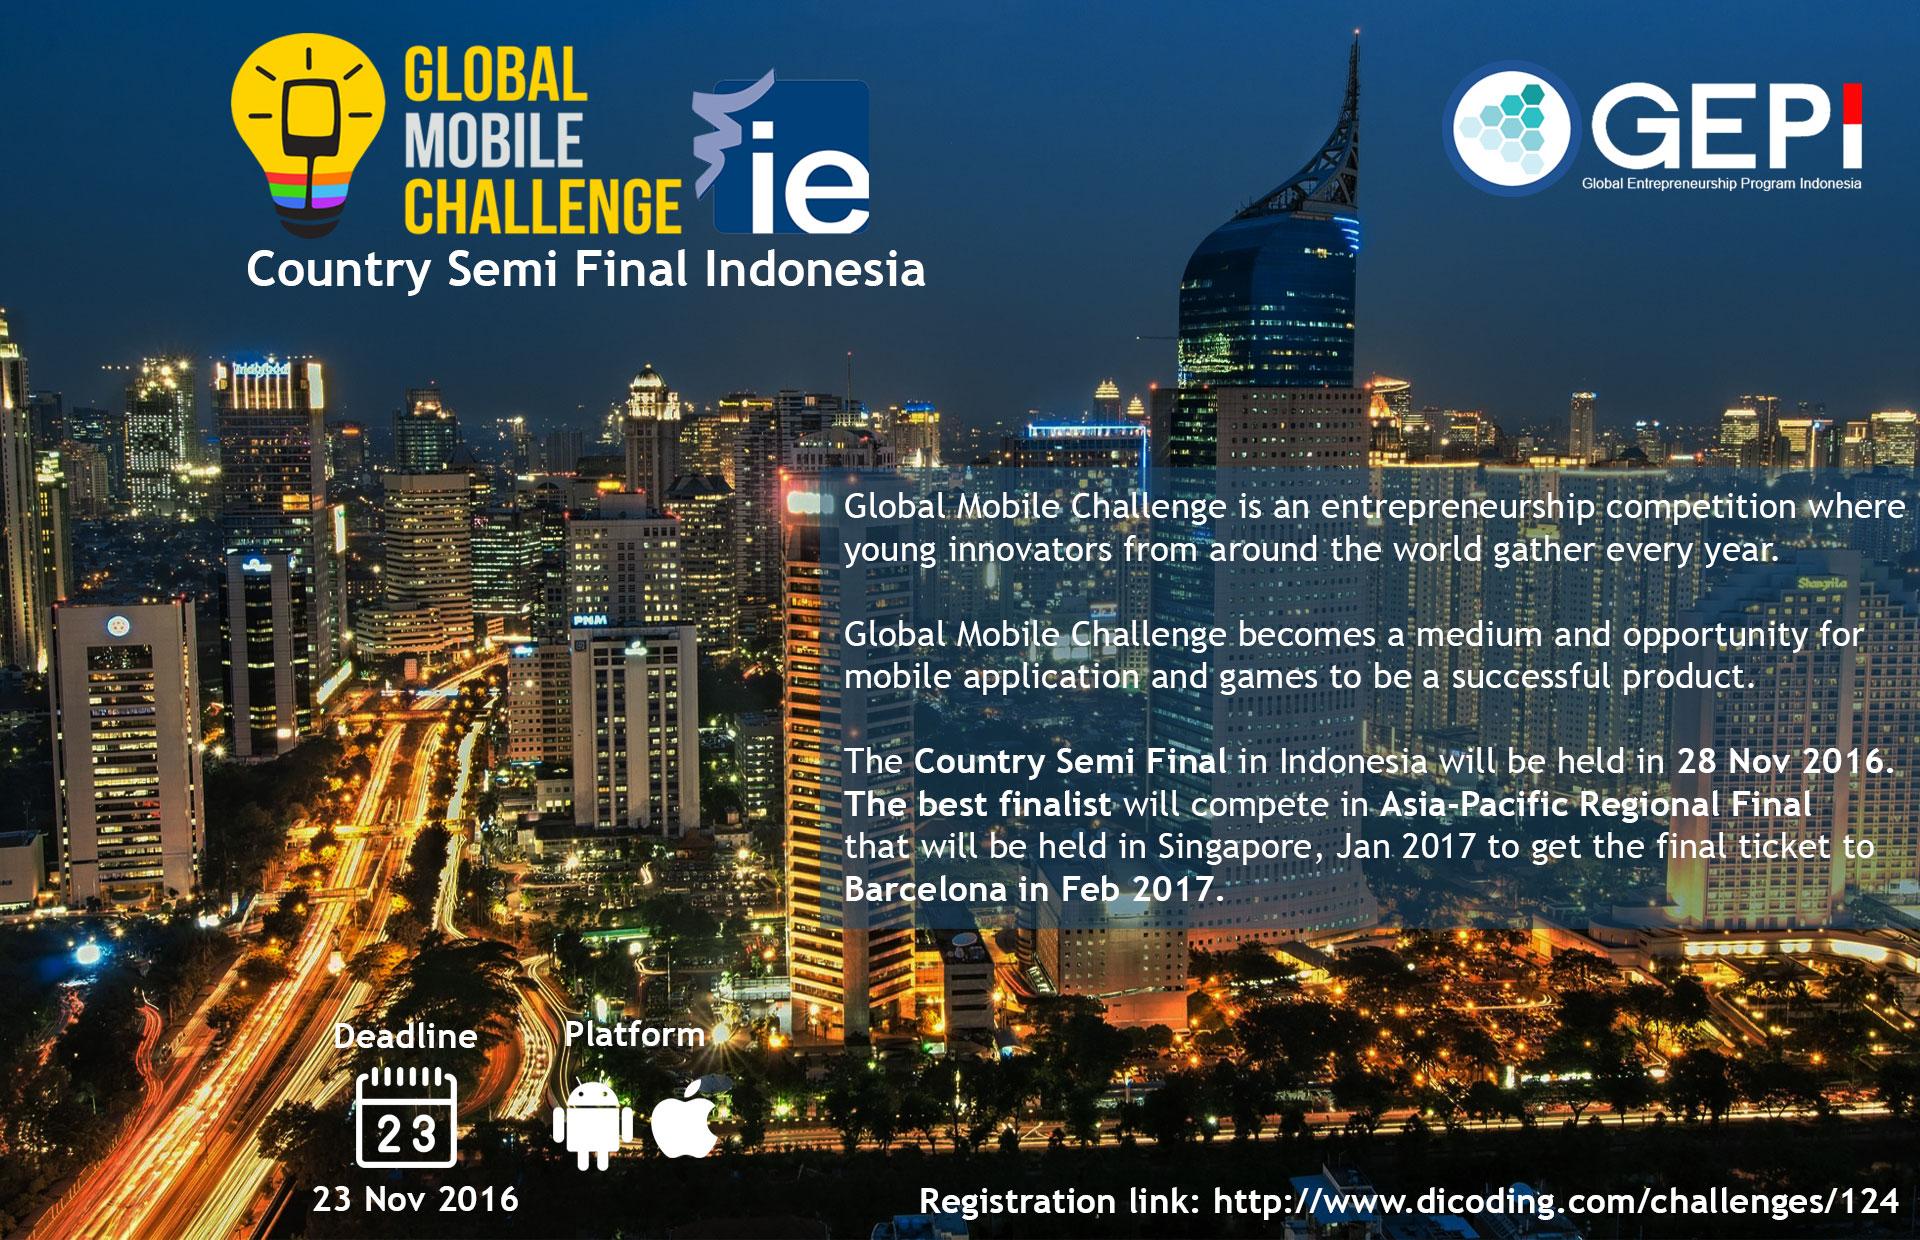 Global Mobile Challenge